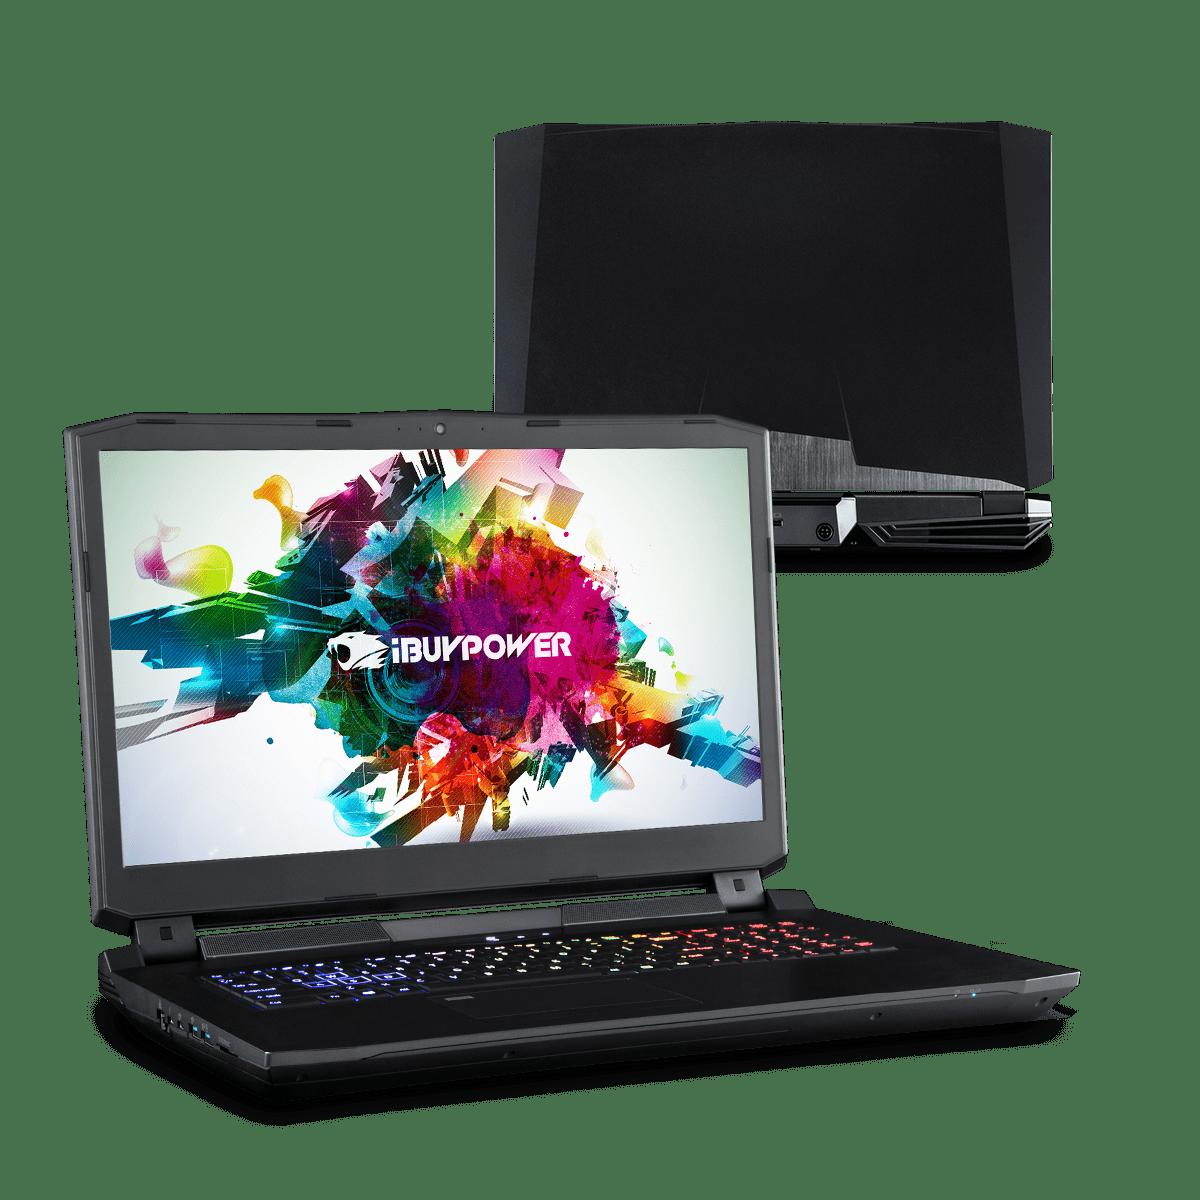 Chimera P775TM1-G (NP9176) Gaming Laptop